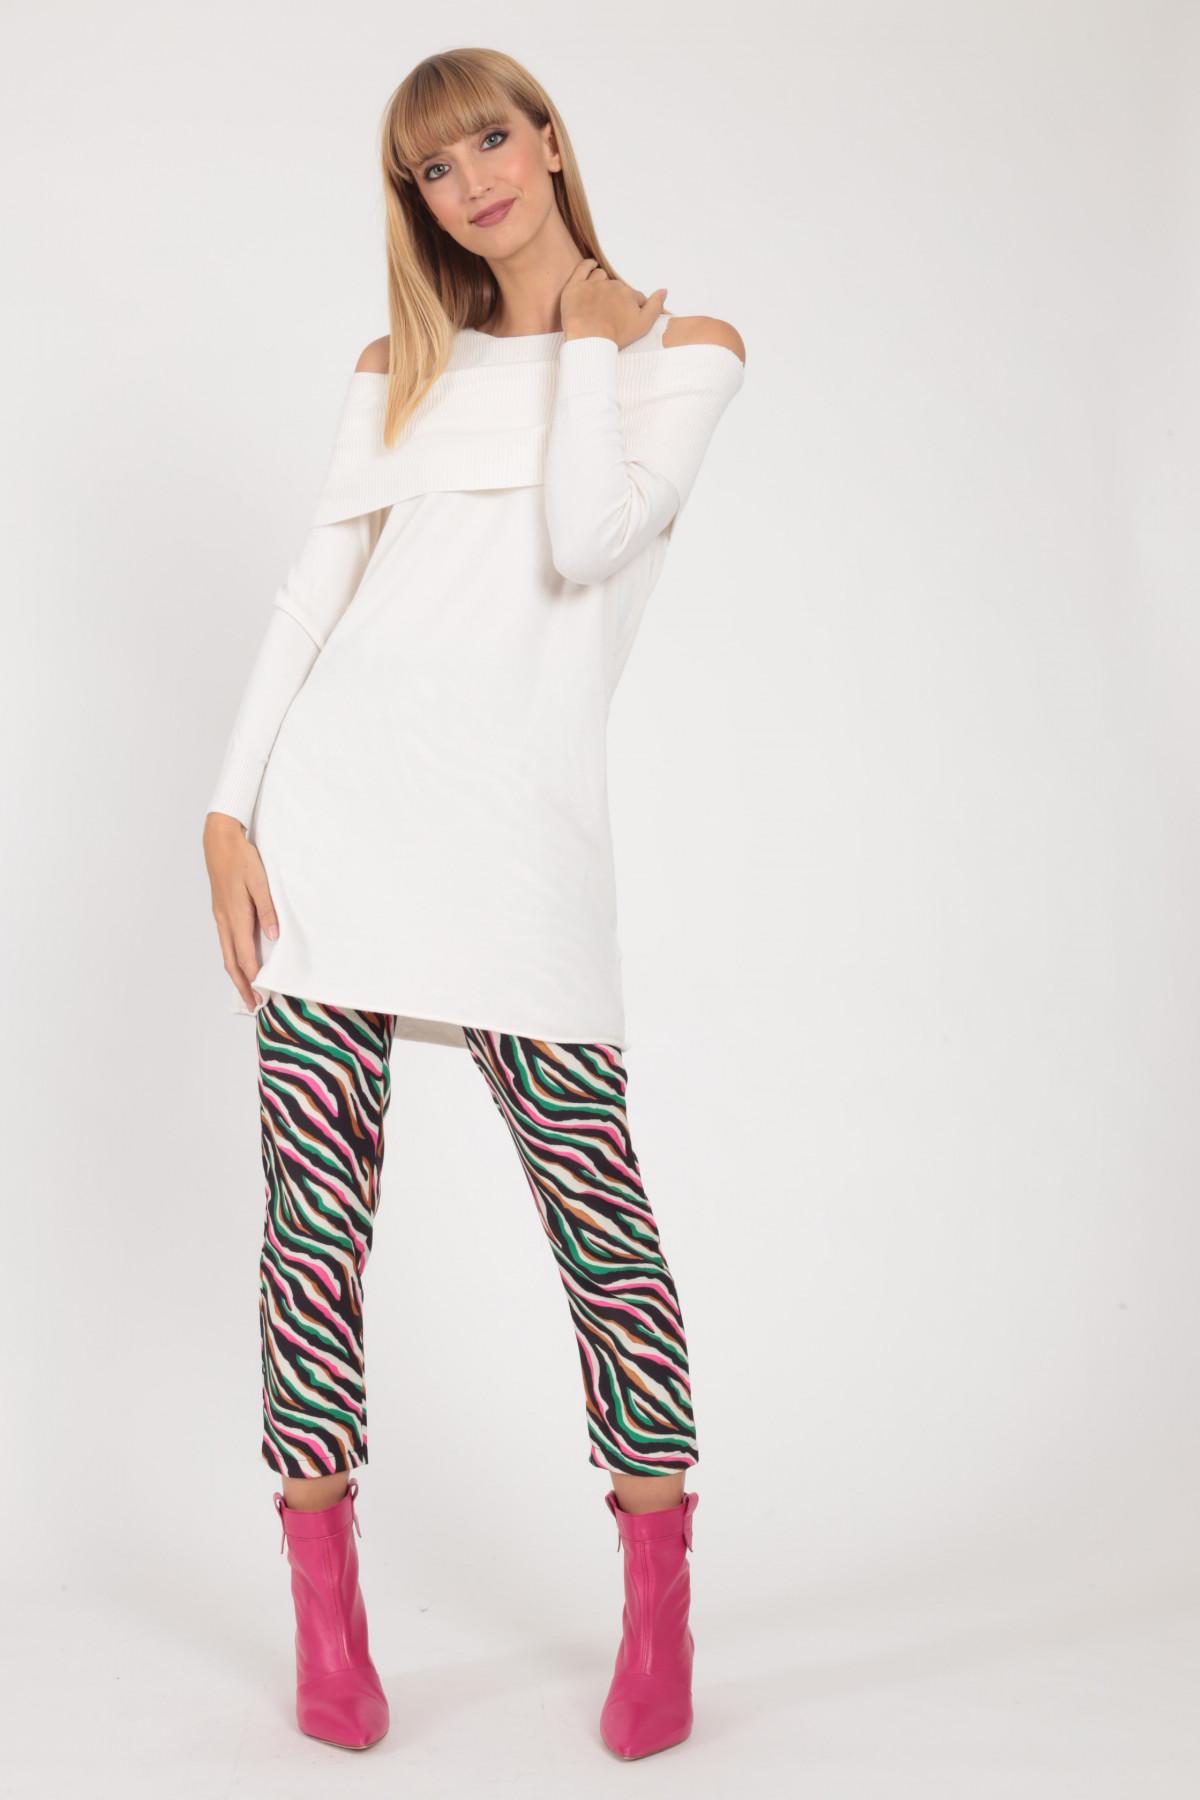 Schiffer Neckline Knit Dress